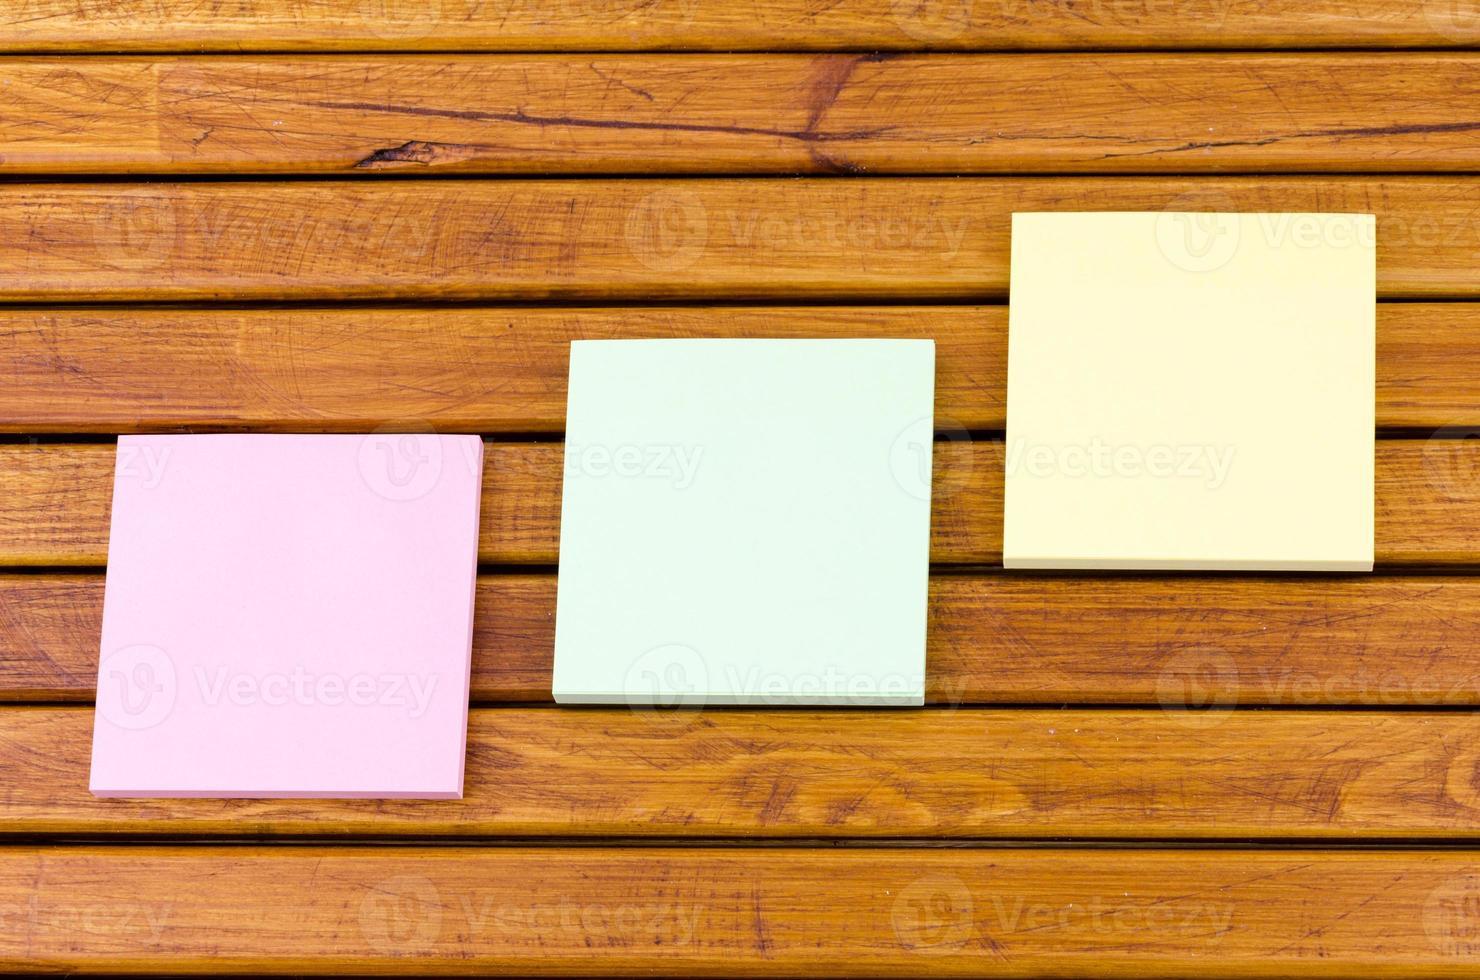 messaggi e documenti su un tavolino in legno foto